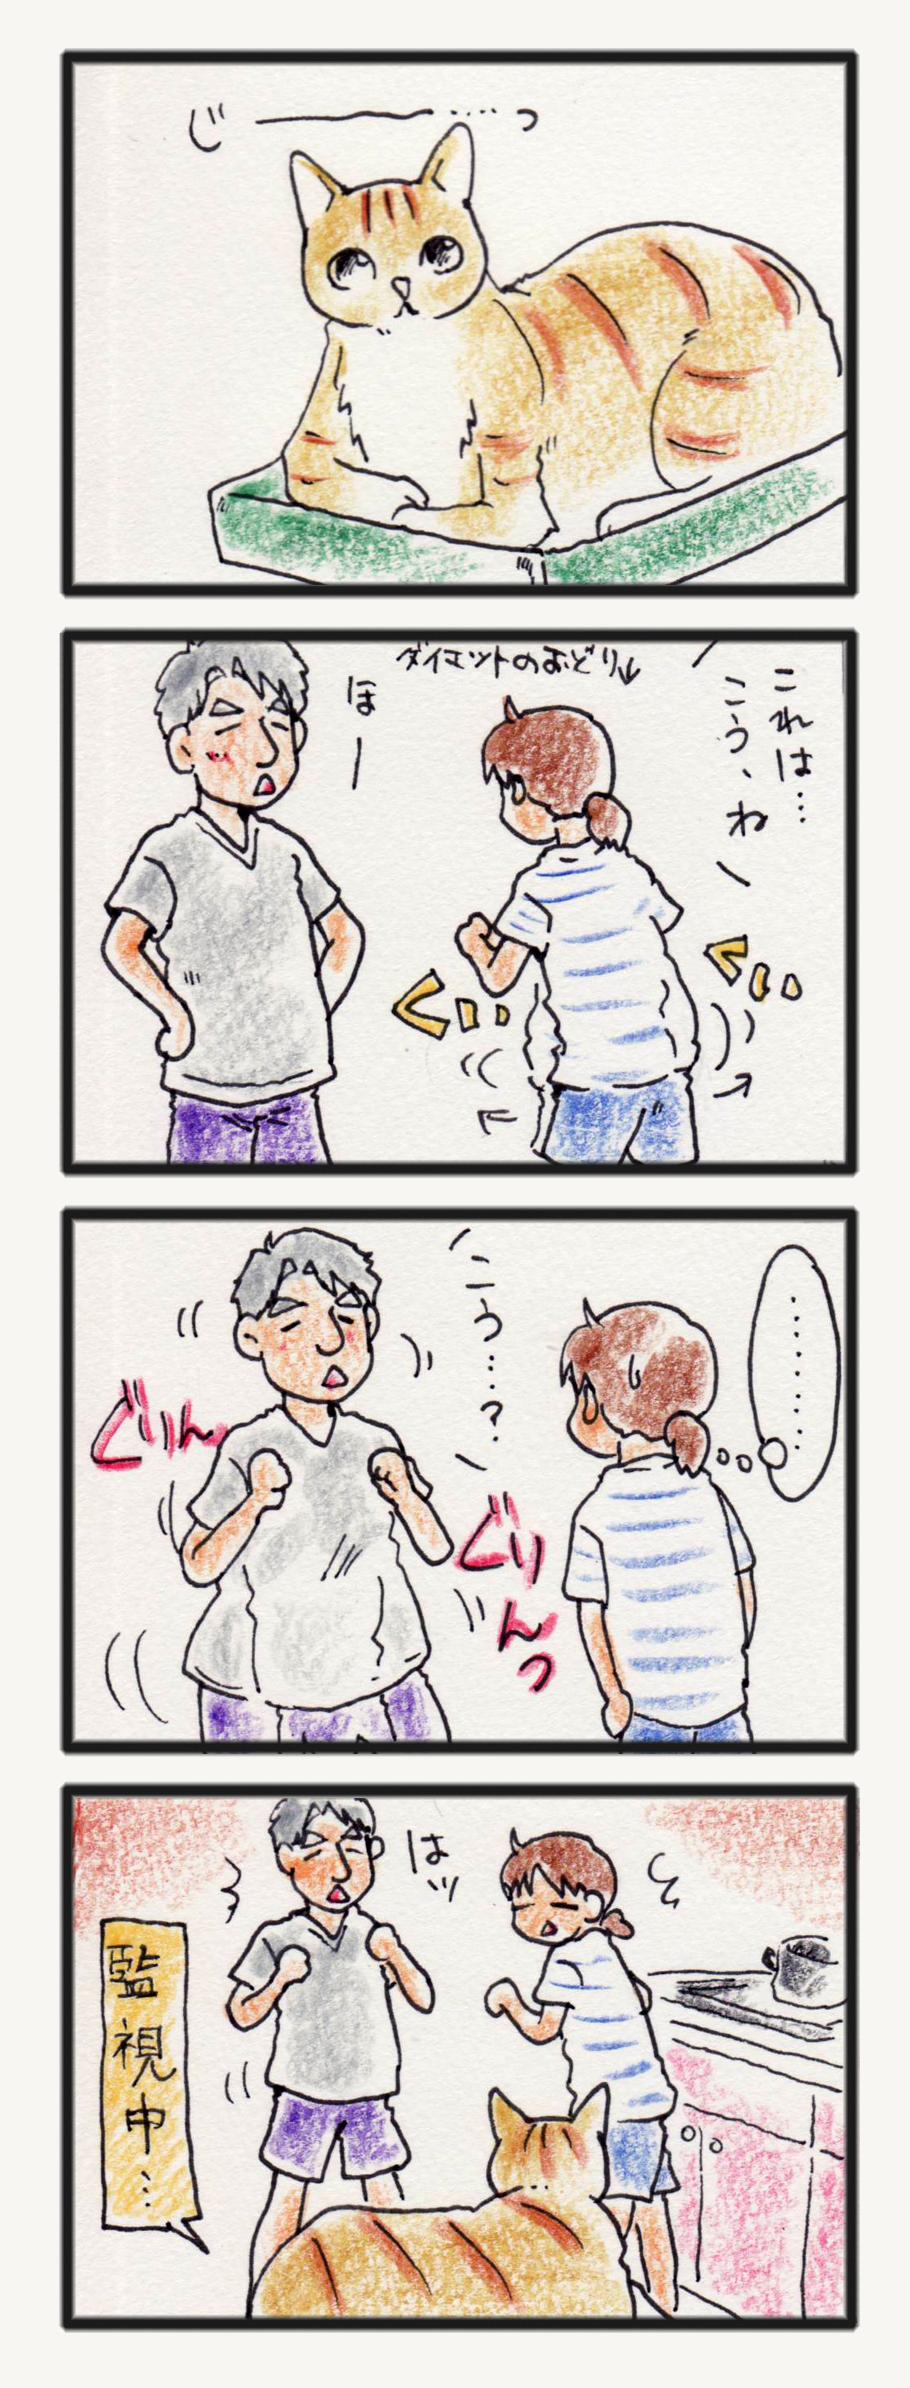 comic_4c_14061502.jpg